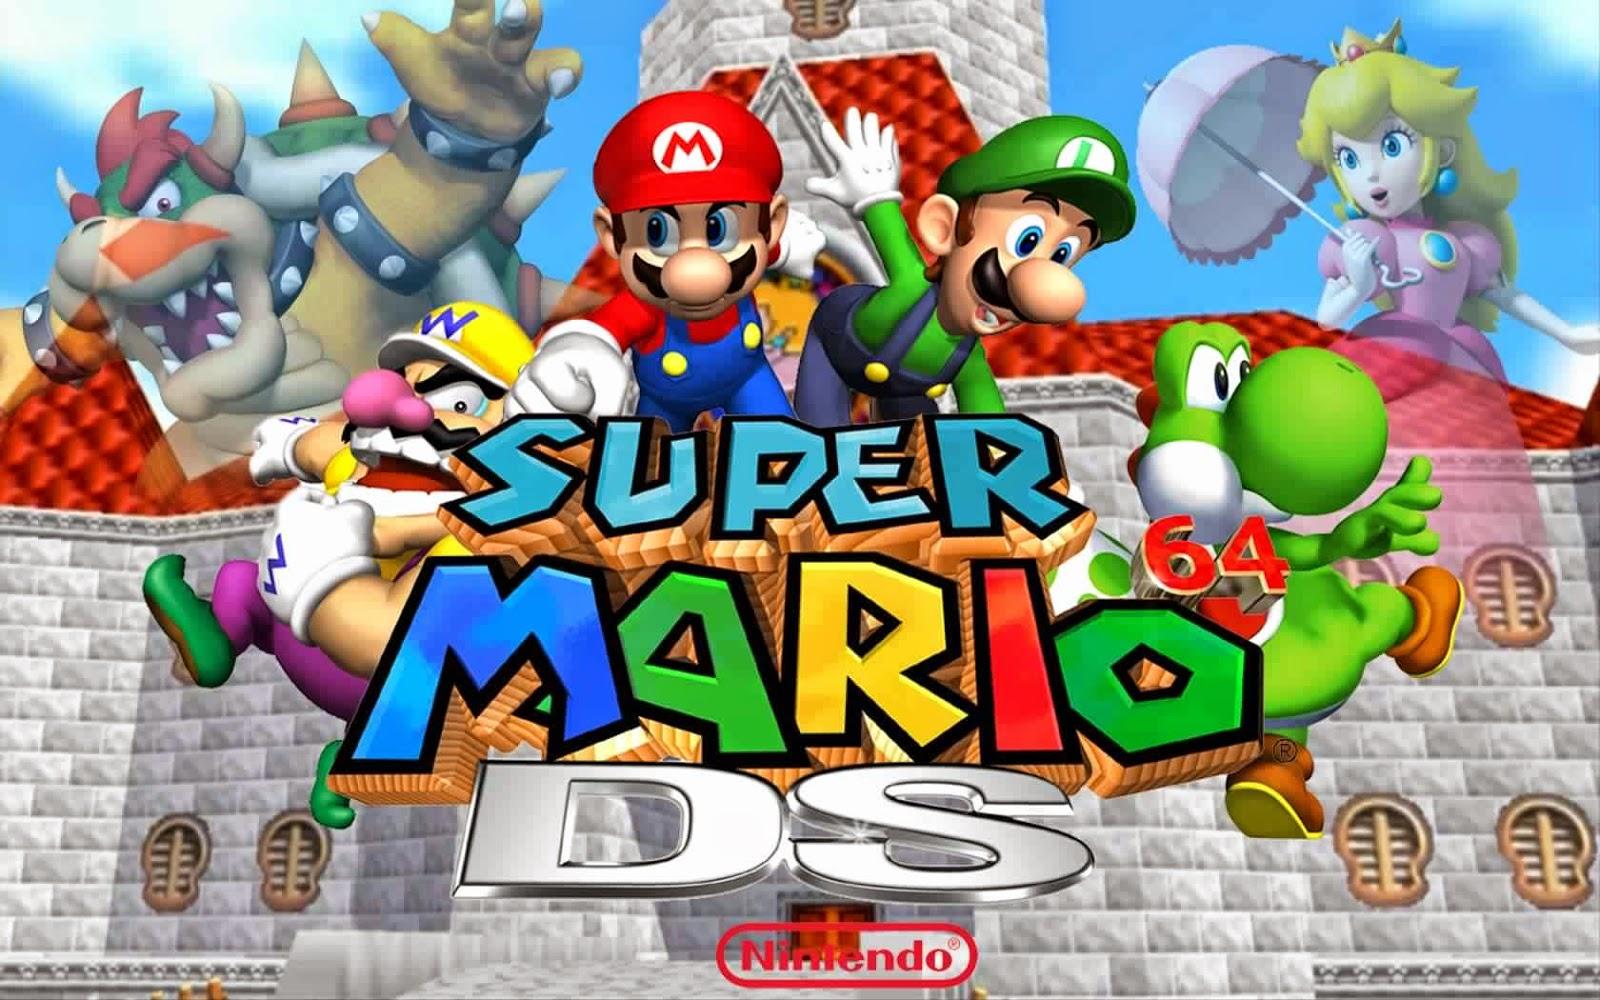 تحميل لعبة super mario 64 للكمبيوتر